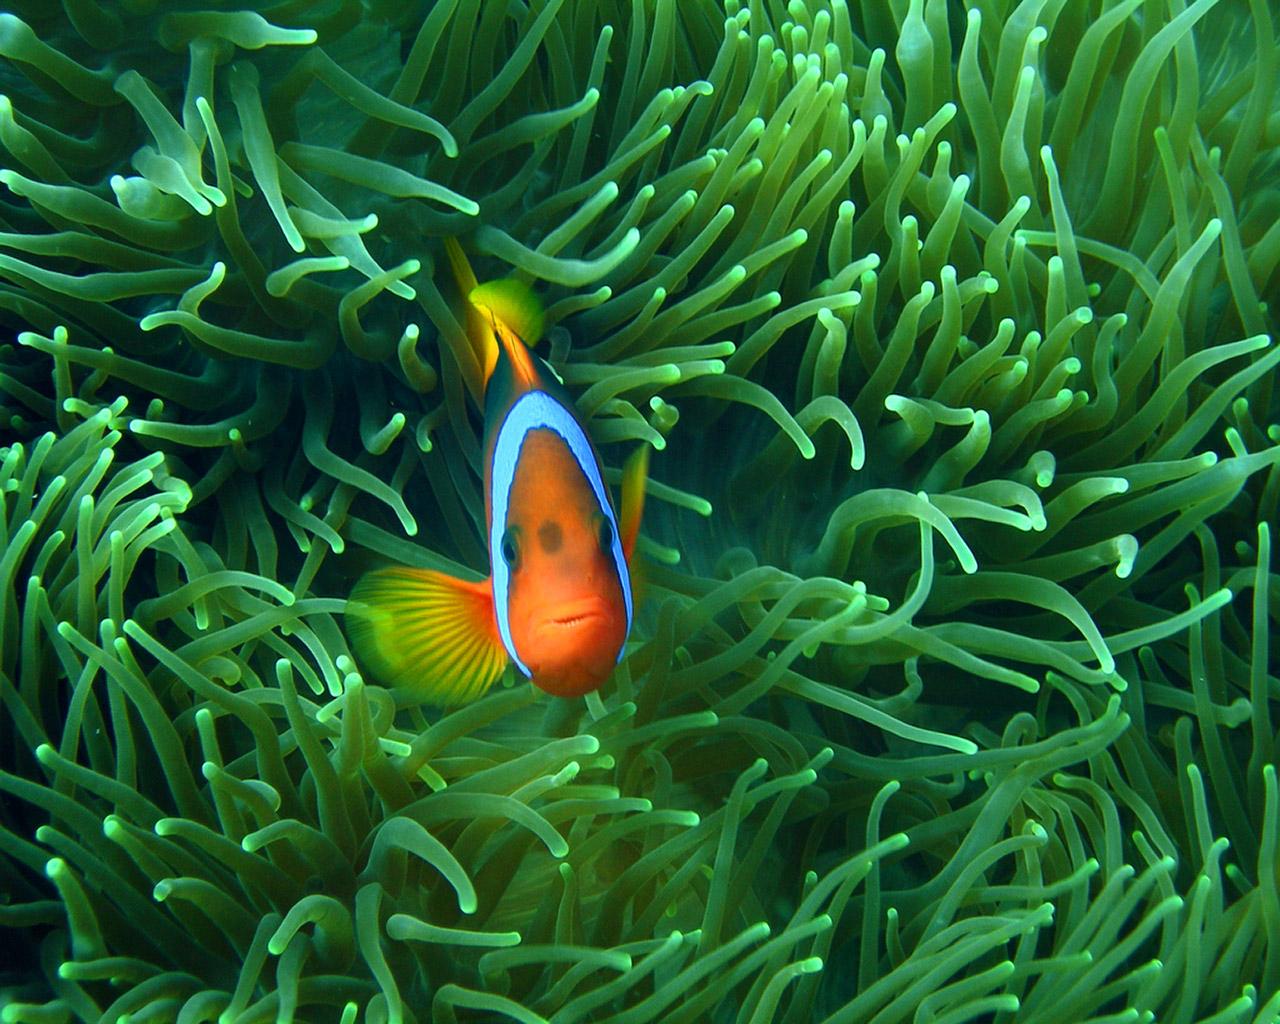 foto ikan laut - gambar hewan